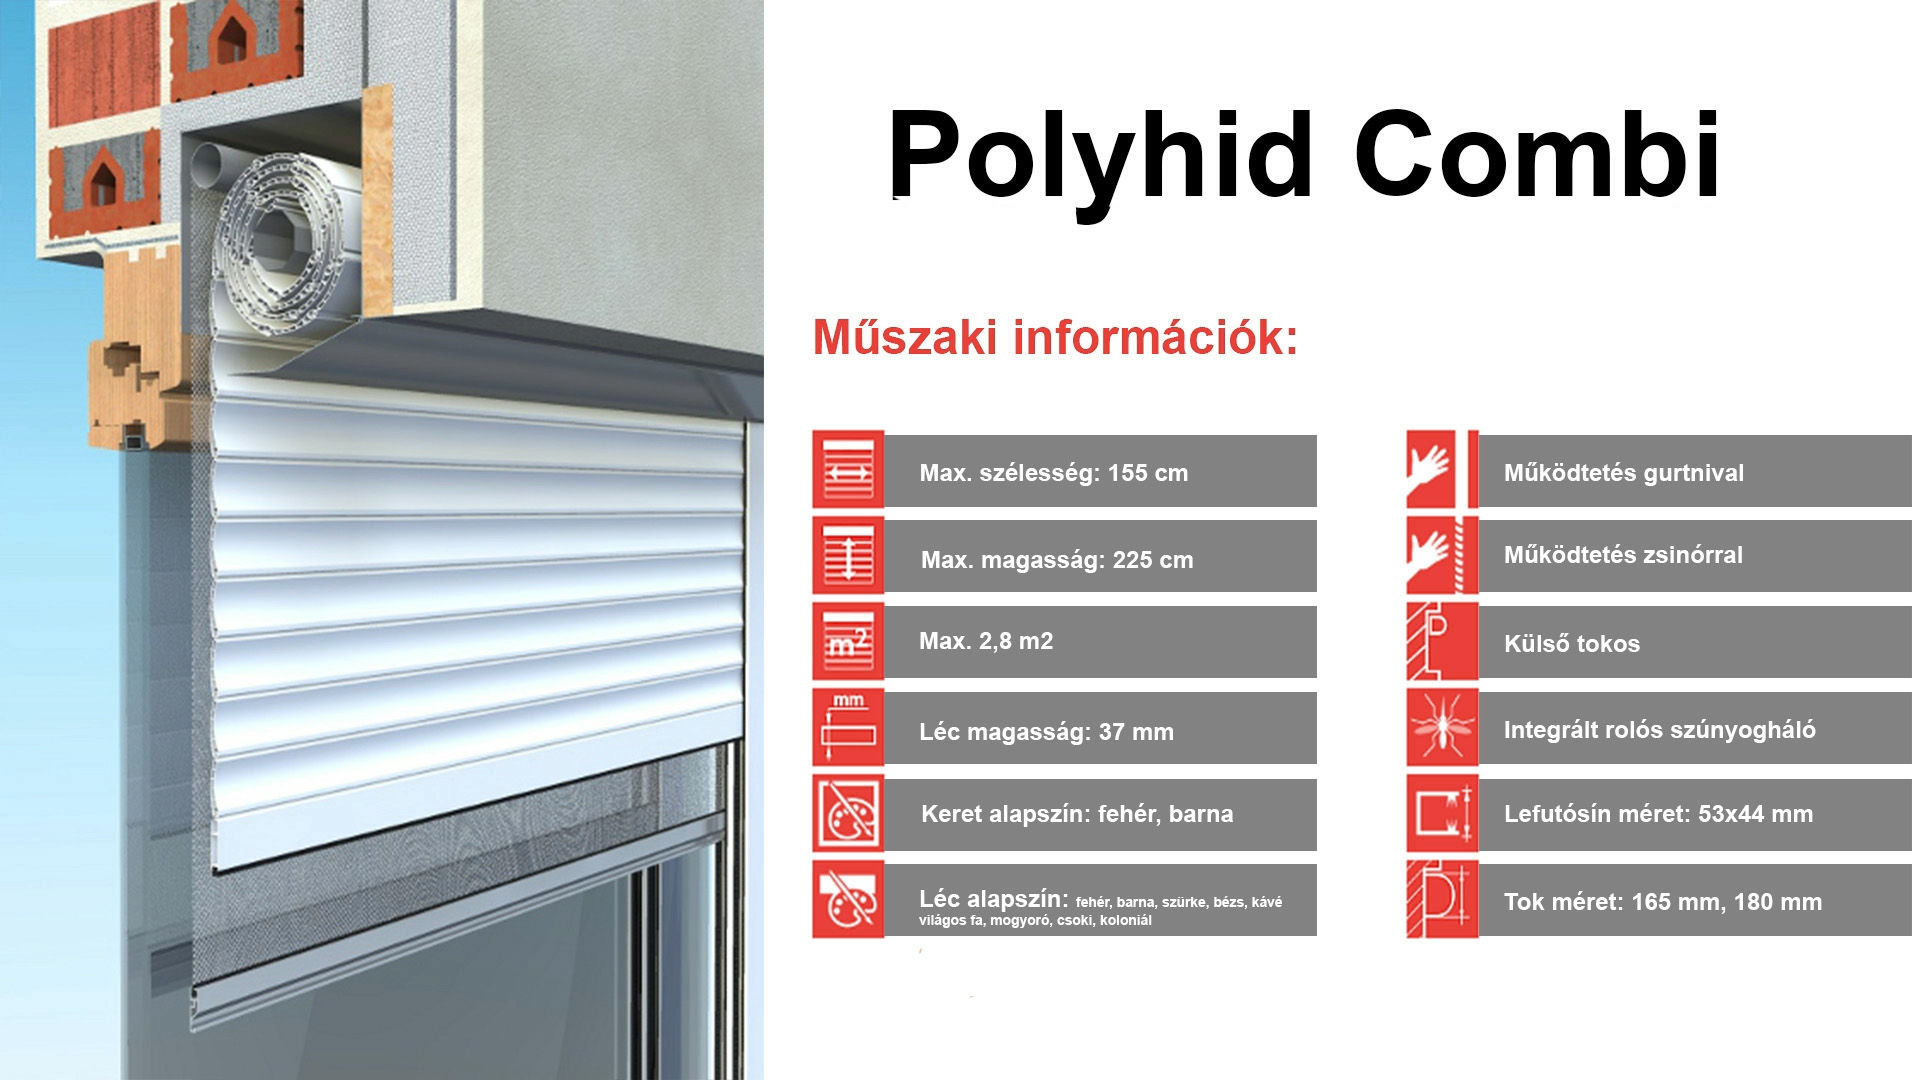 Műanyag külső tokos redőny - Polyhid combi